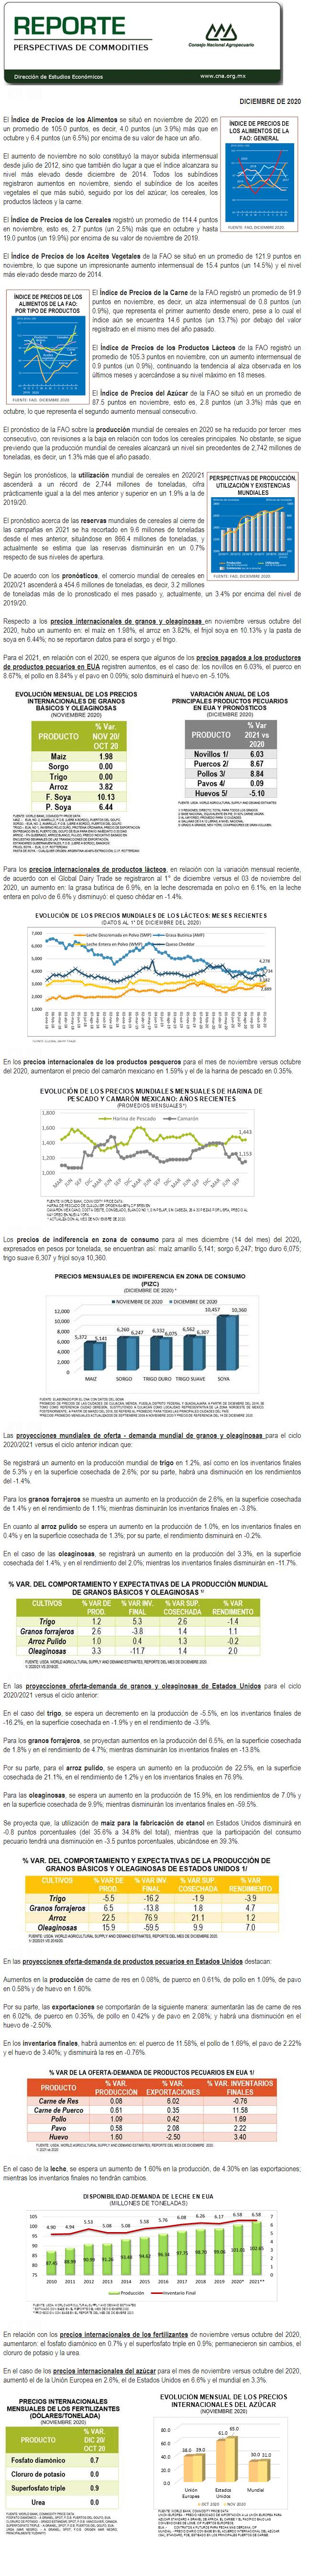 Reporte de Perspectivas Internacionales para los Commodities Agropecuarios de diciembre 2020.